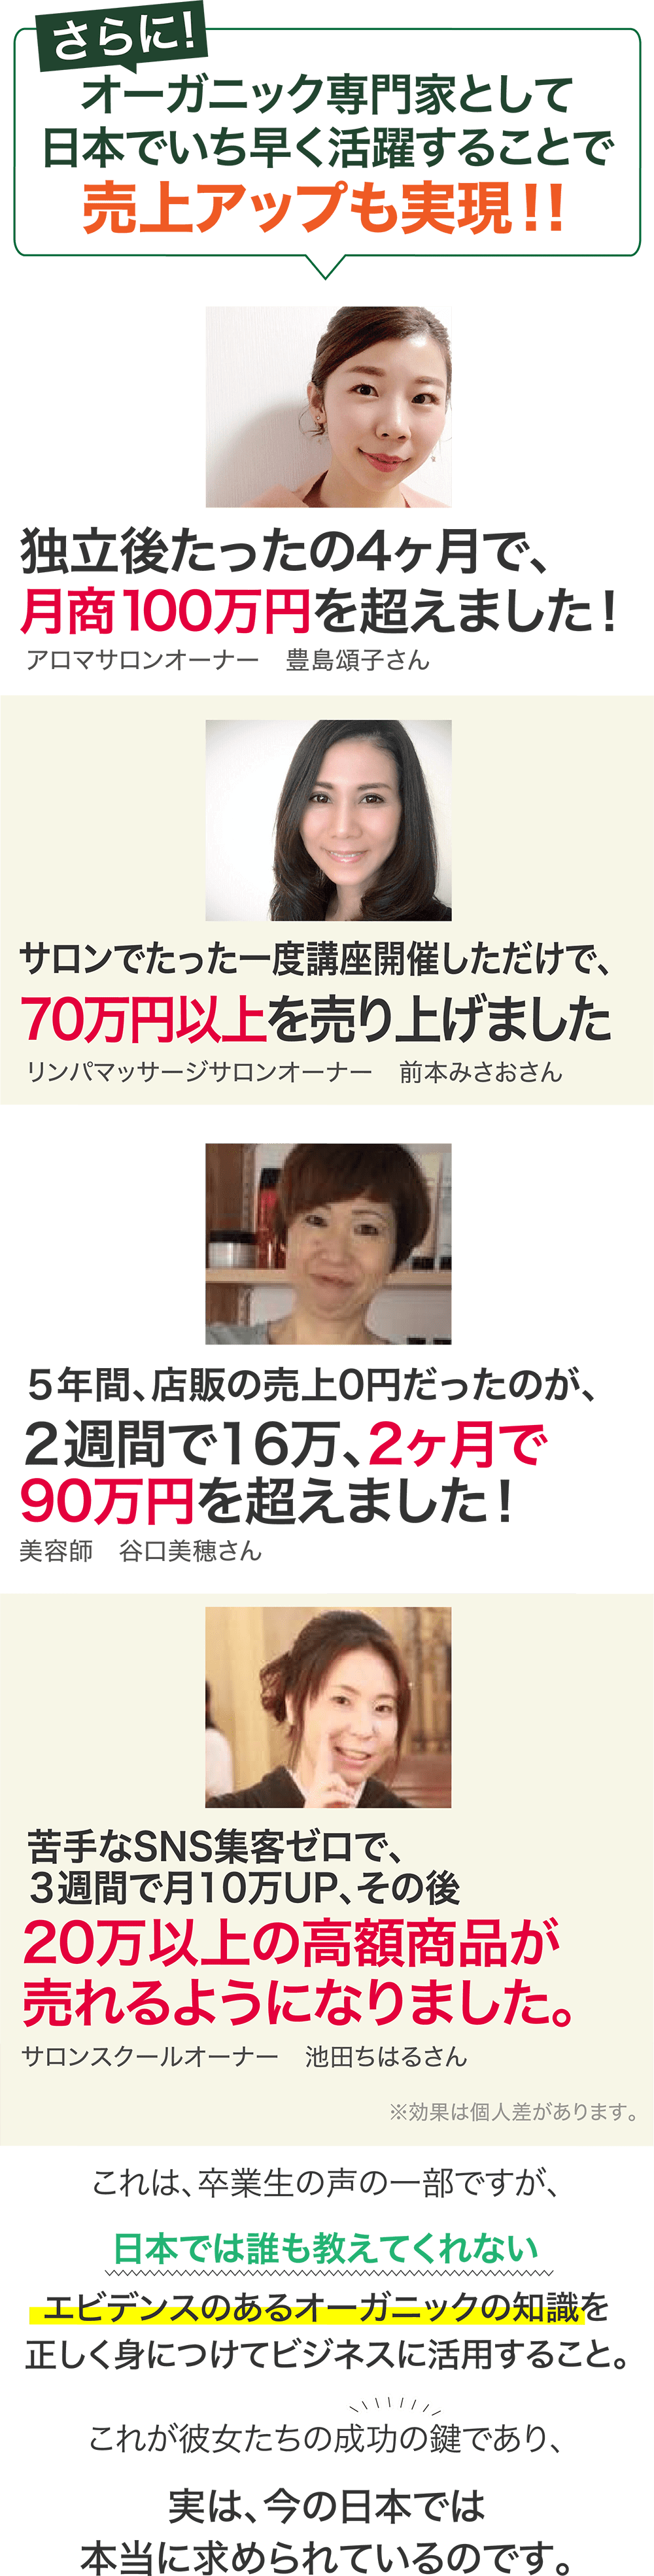 お客様の声2 オーガニック専門家として日本でいち早く活躍することで売上アップも実現!!